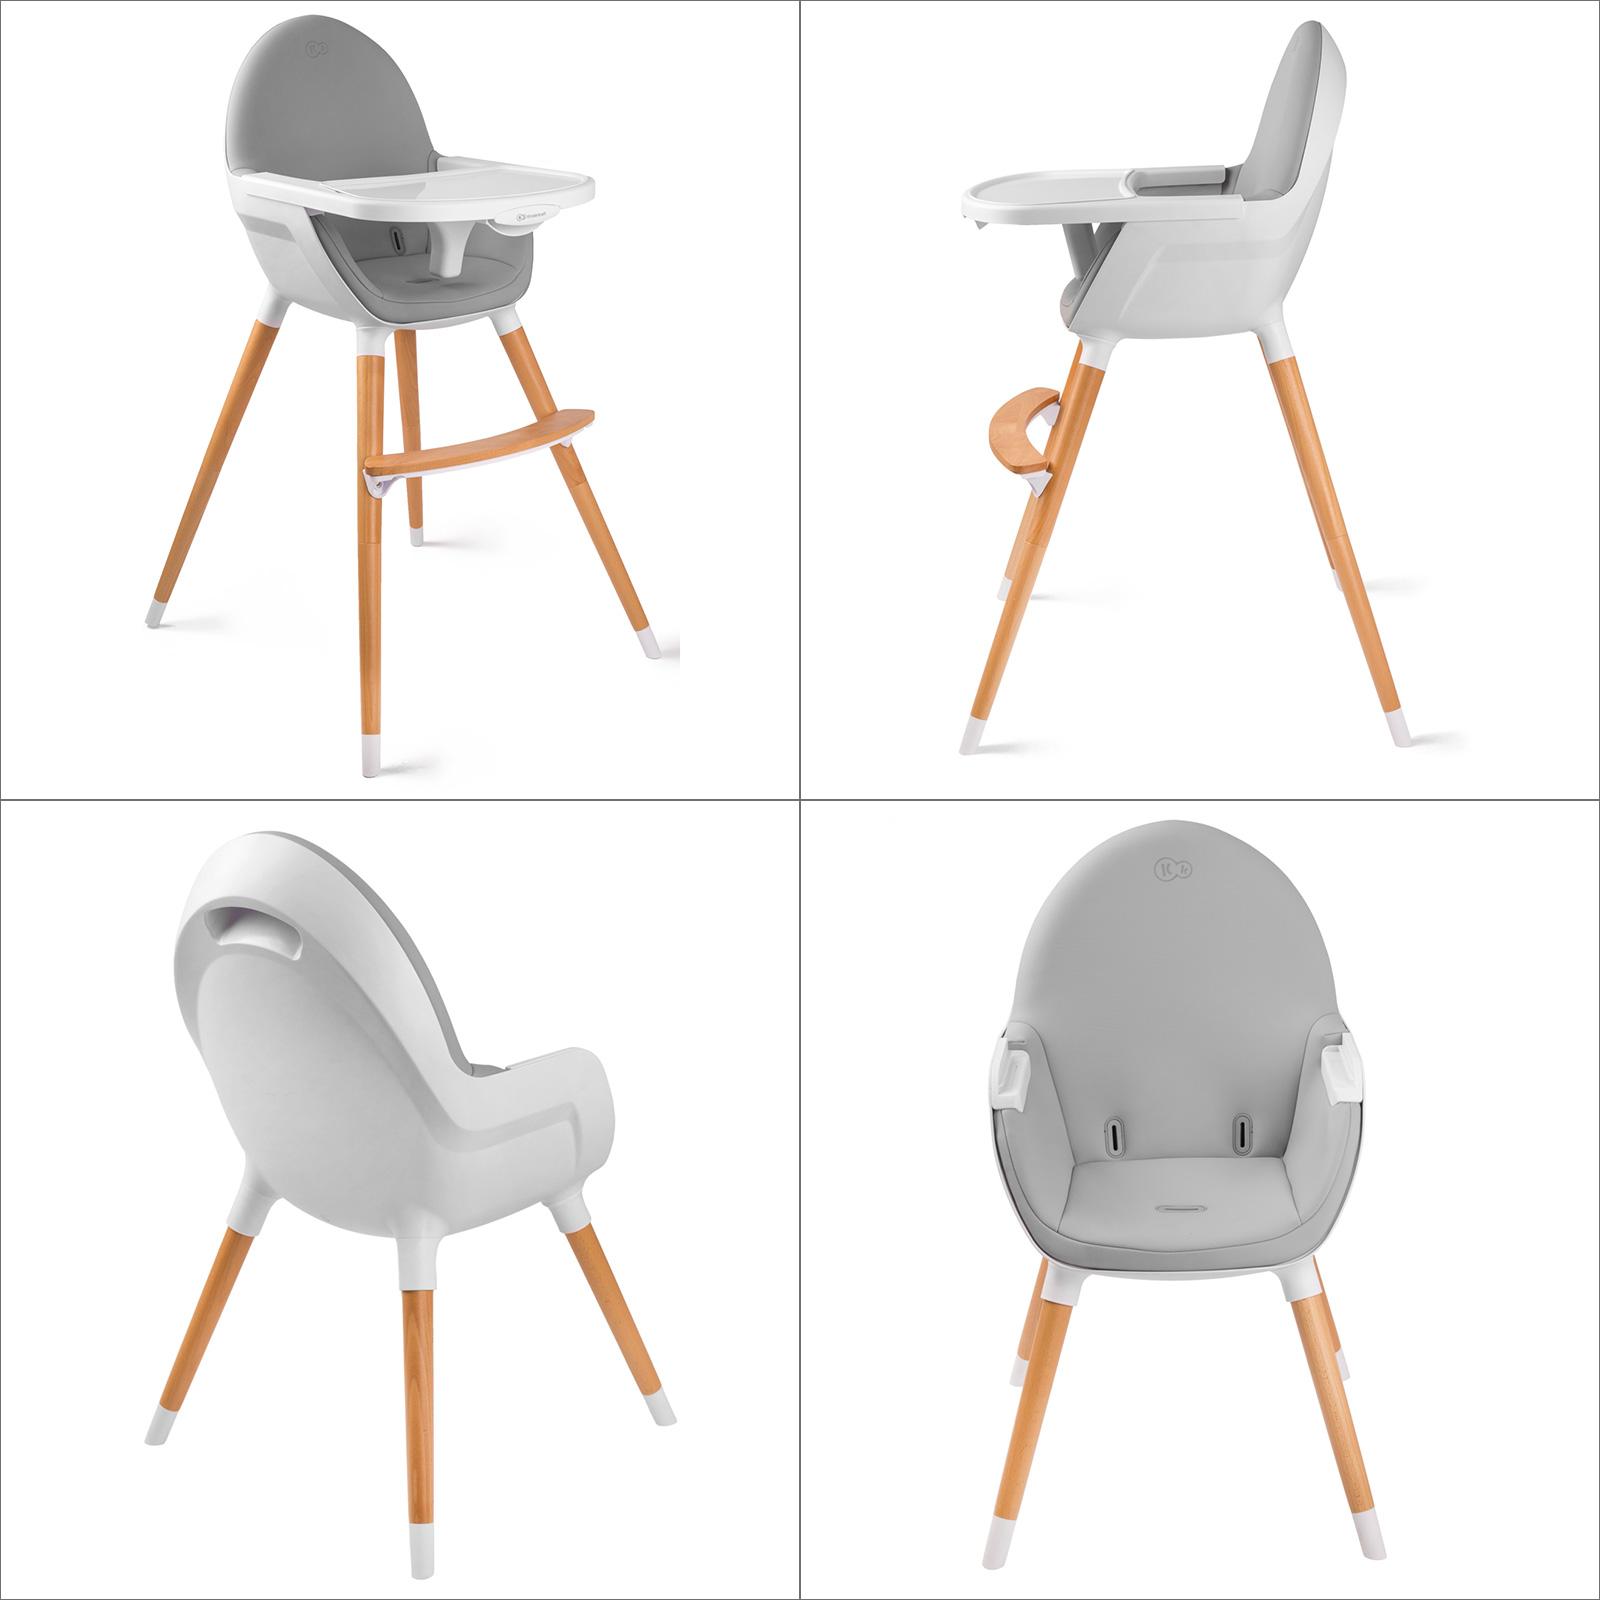 Детское кресло-качалка Детский стульчик Детский стульчик Kinderkraft Возраст 6 м +